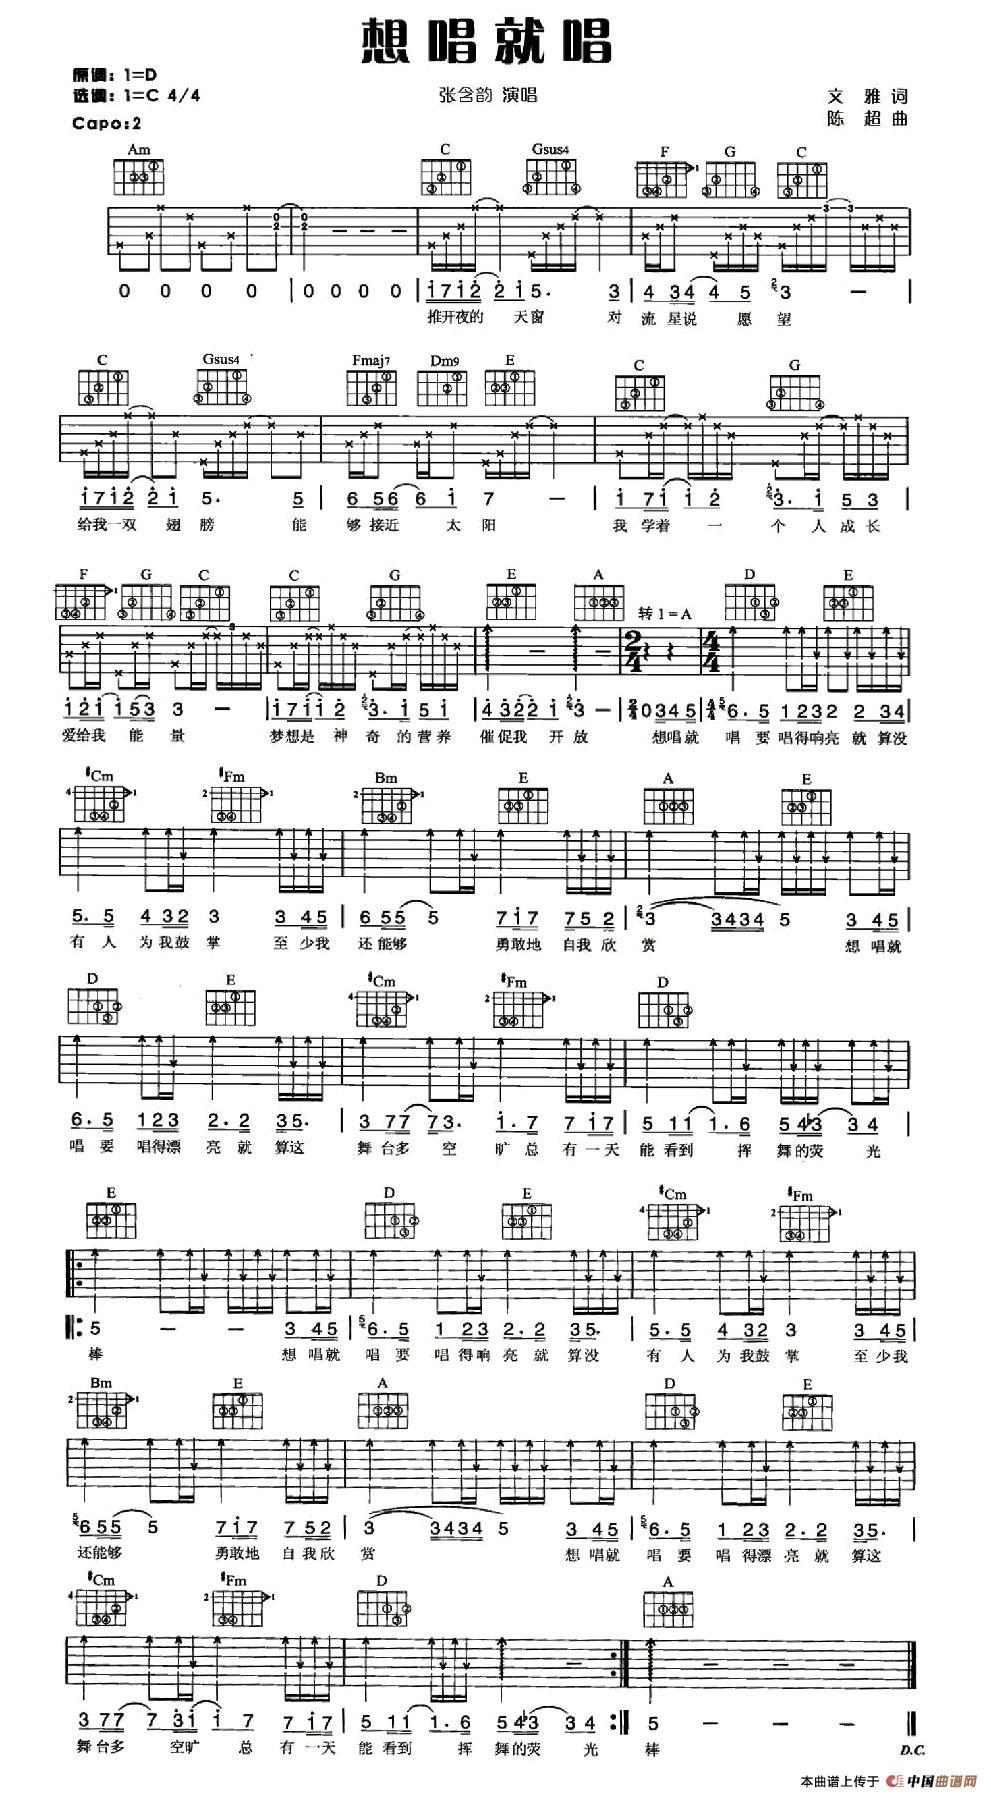 想唱就唱吉他谱 六线谱 器乐乐谱 中国曲谱网